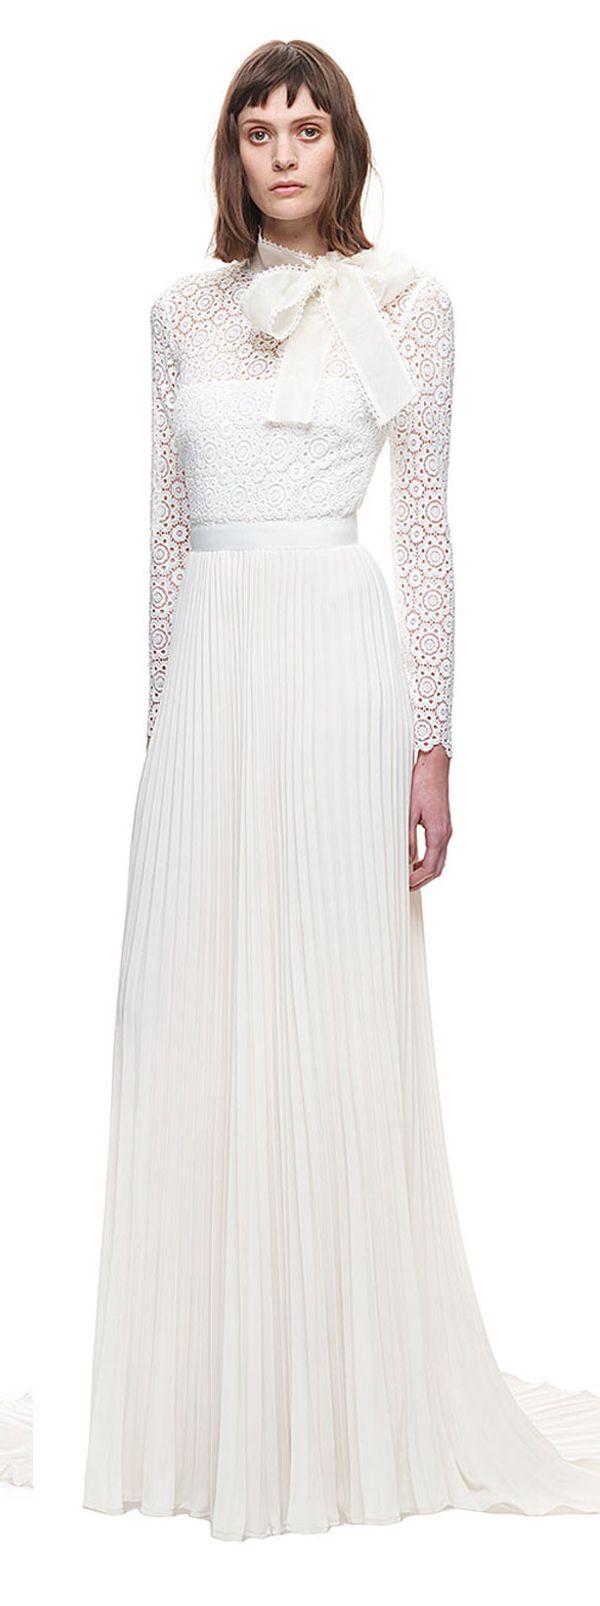 Tznius Wedding Gowns Online - Best Ideas Gowns